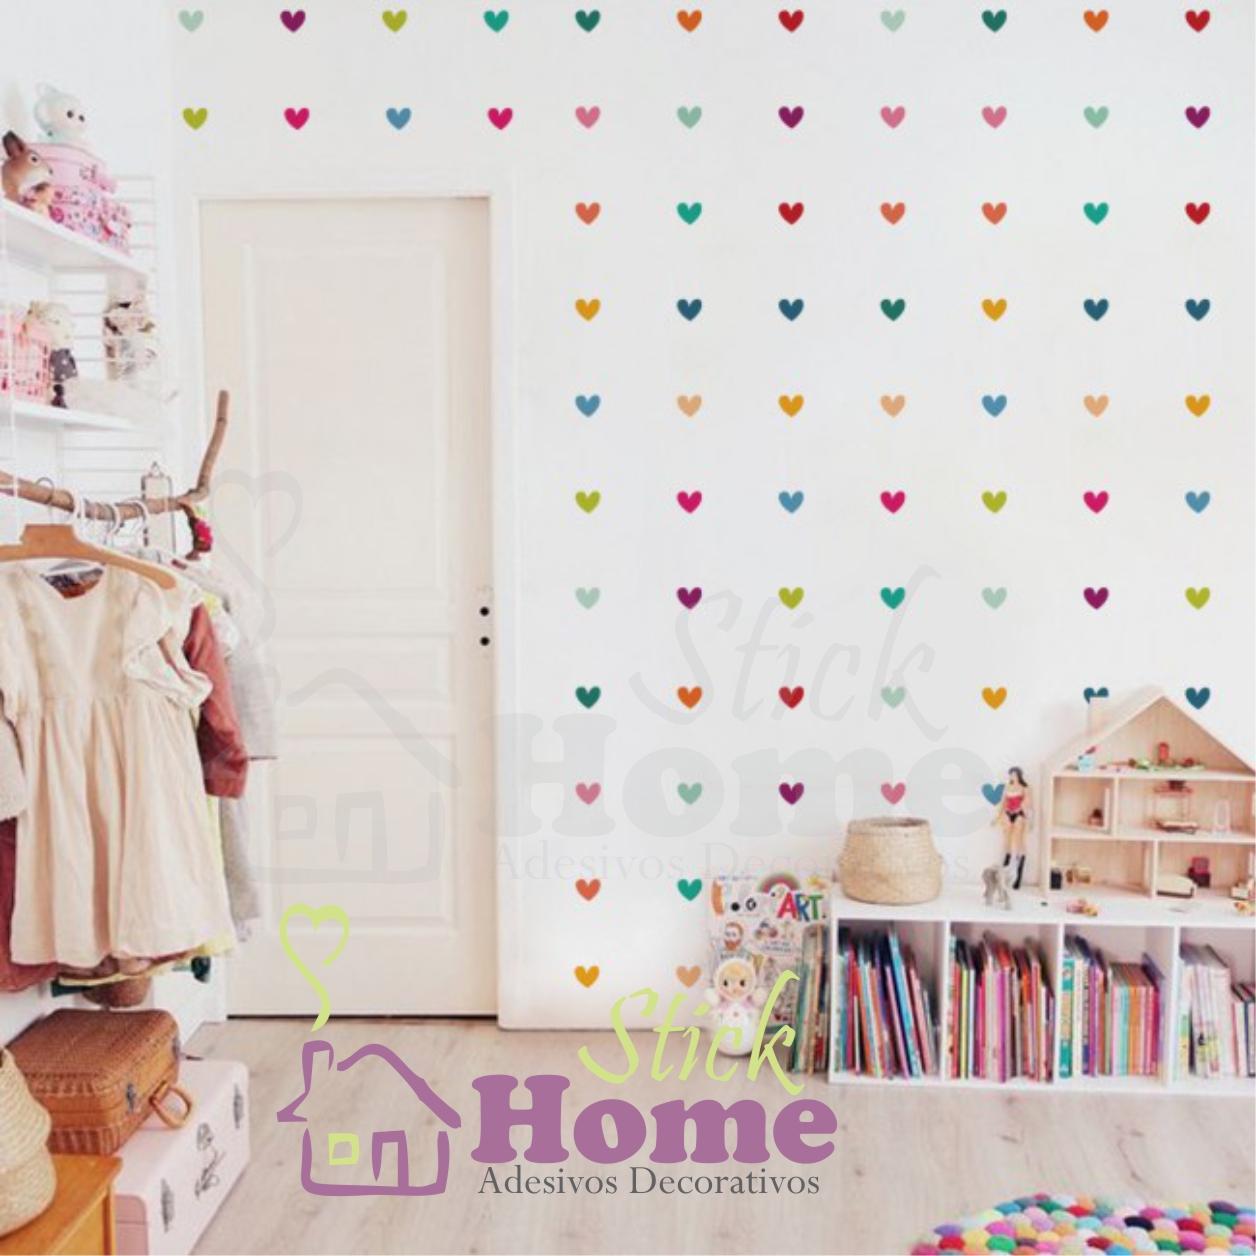 Adesivo De Parede Cora Es No Elo7 Stick Home Adesivos Decorativos